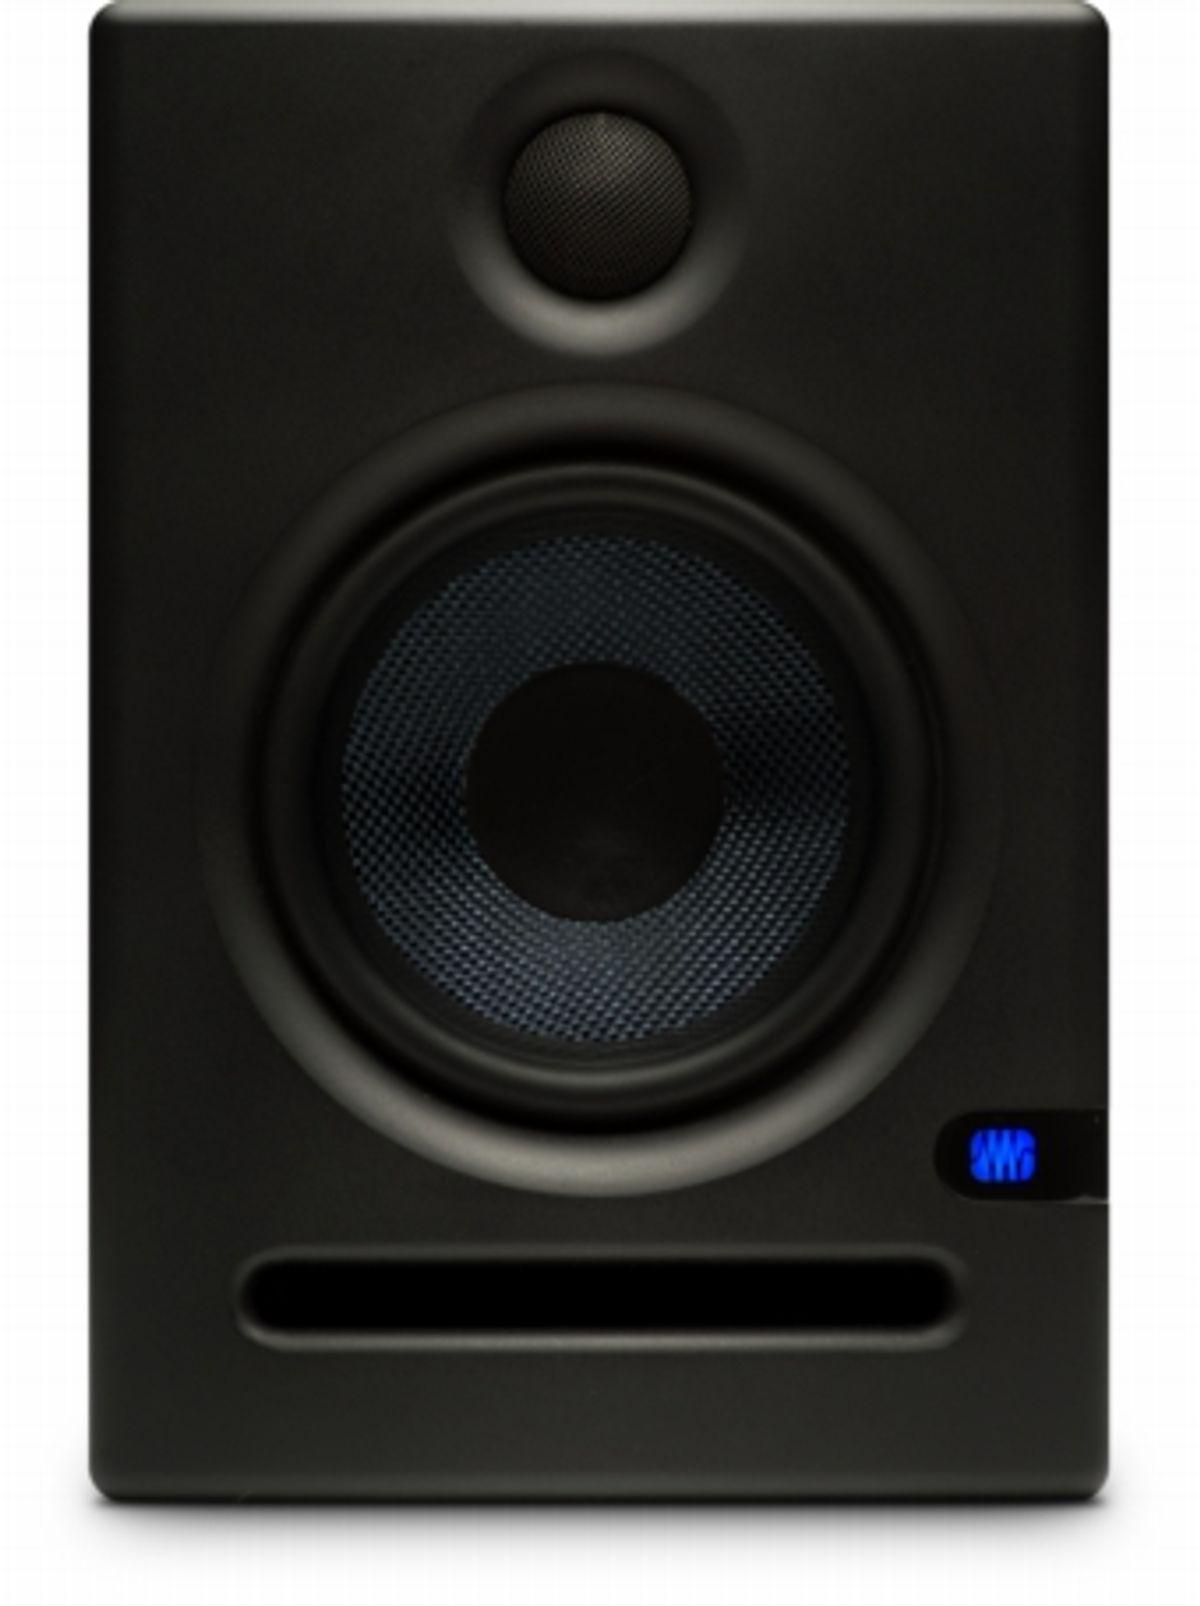 PreSonus Announces Eris-Series Studio Monitors